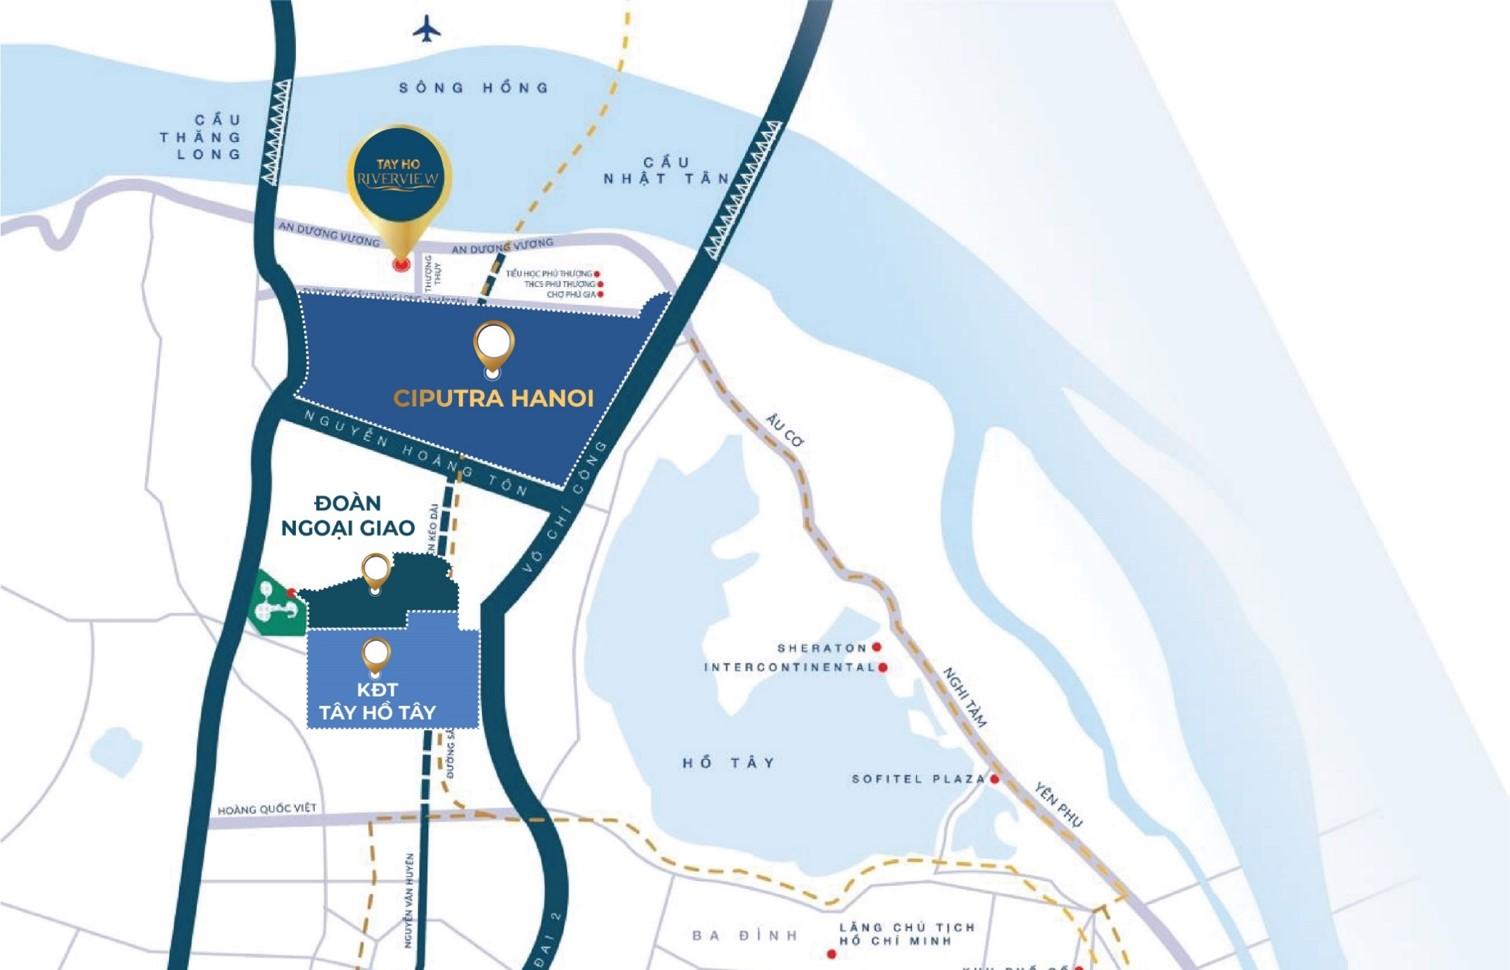 vị trí dự án tây hồ riverview